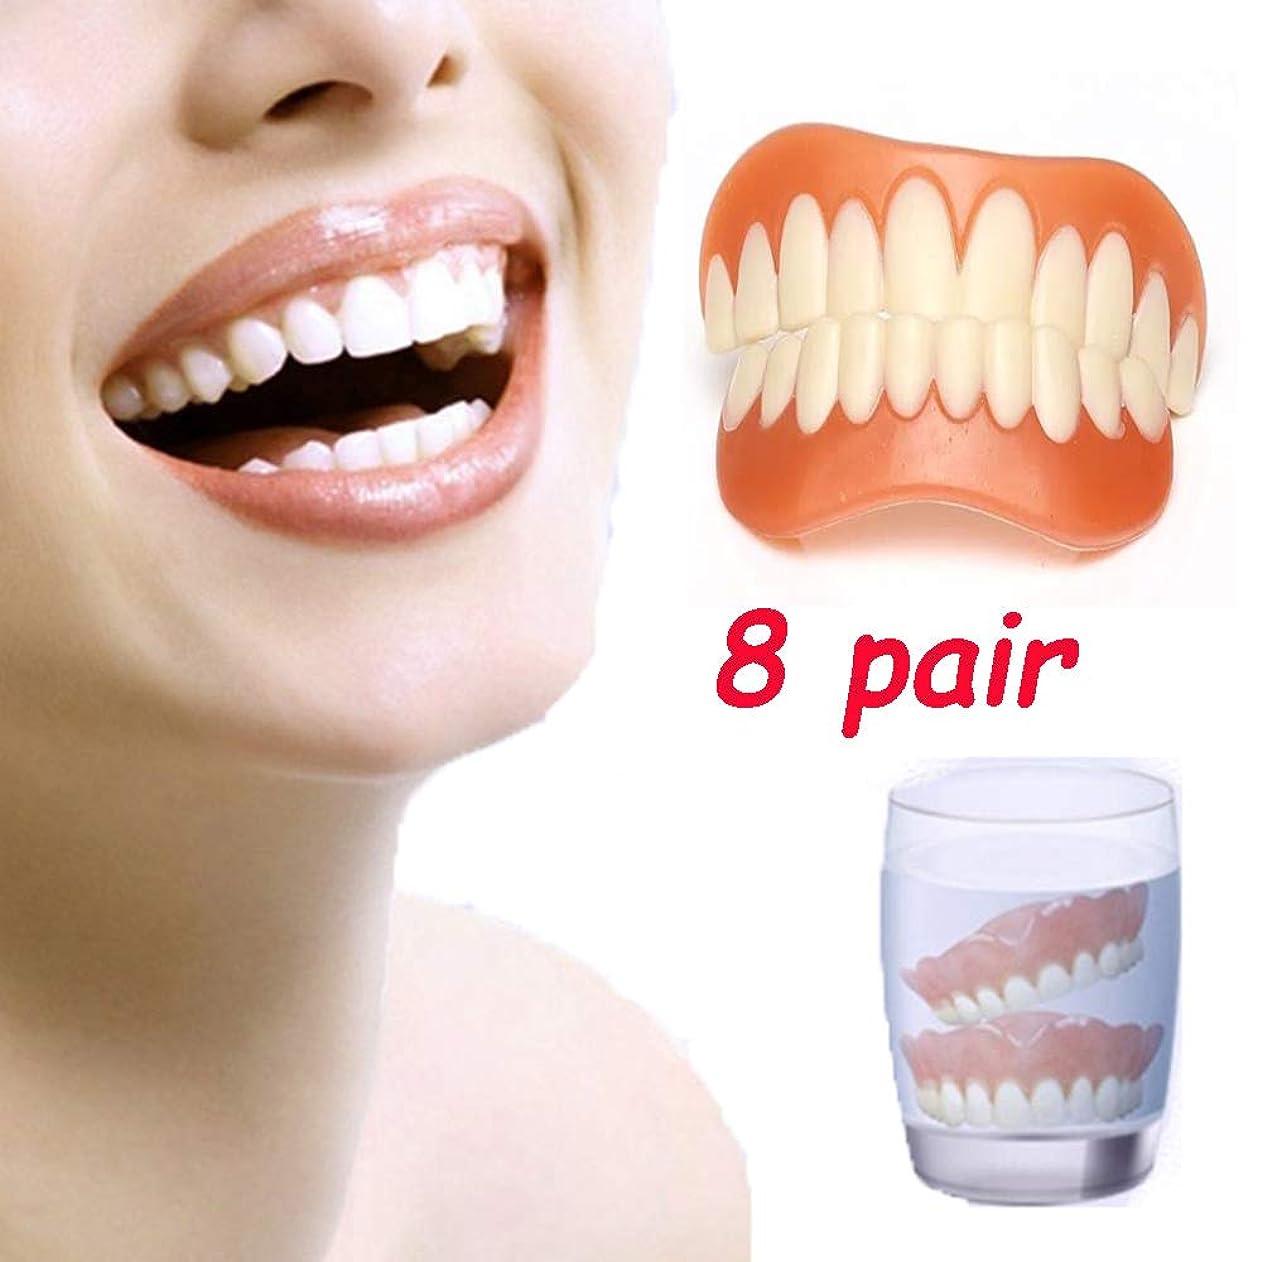 リード犯すマーチャンダイザー8ペア安全なインスタント笑顔の快適さ修正義歯貼り付け偽の歯化粧品突き板歯カバー美容ツール(下+上)